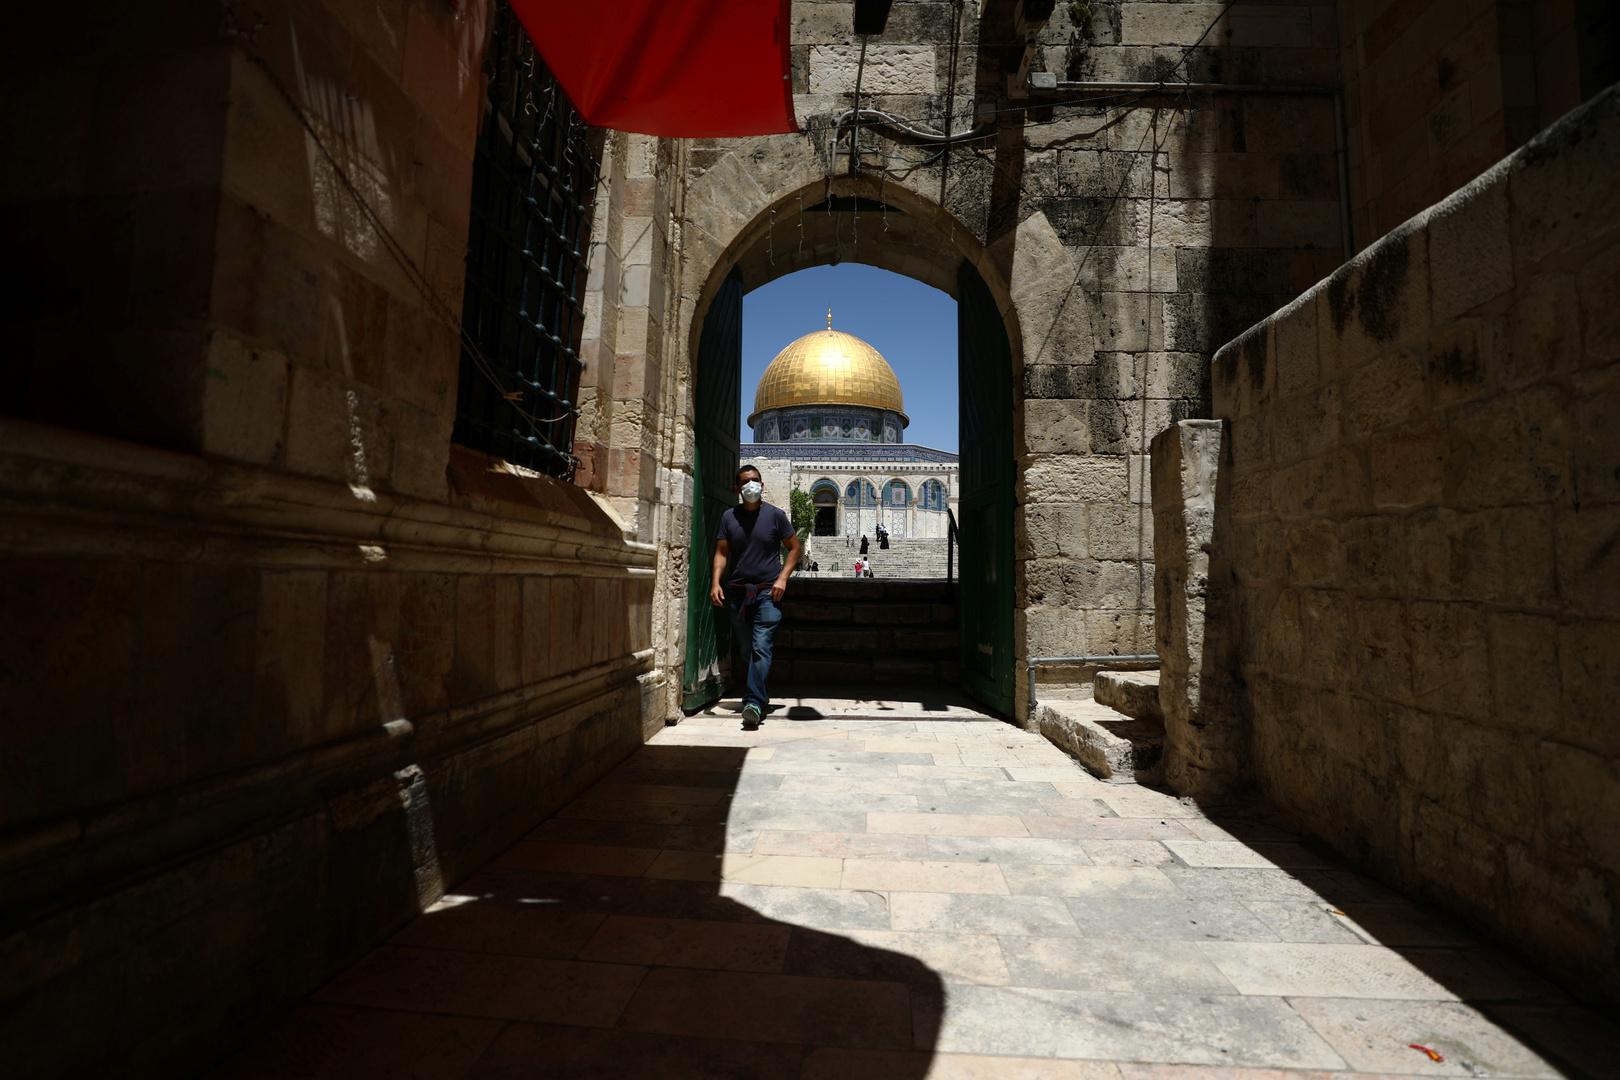 أدرعي ينشر فيديو قديما عن احتلال الجيش الإسرائيلي للقدس عام 67